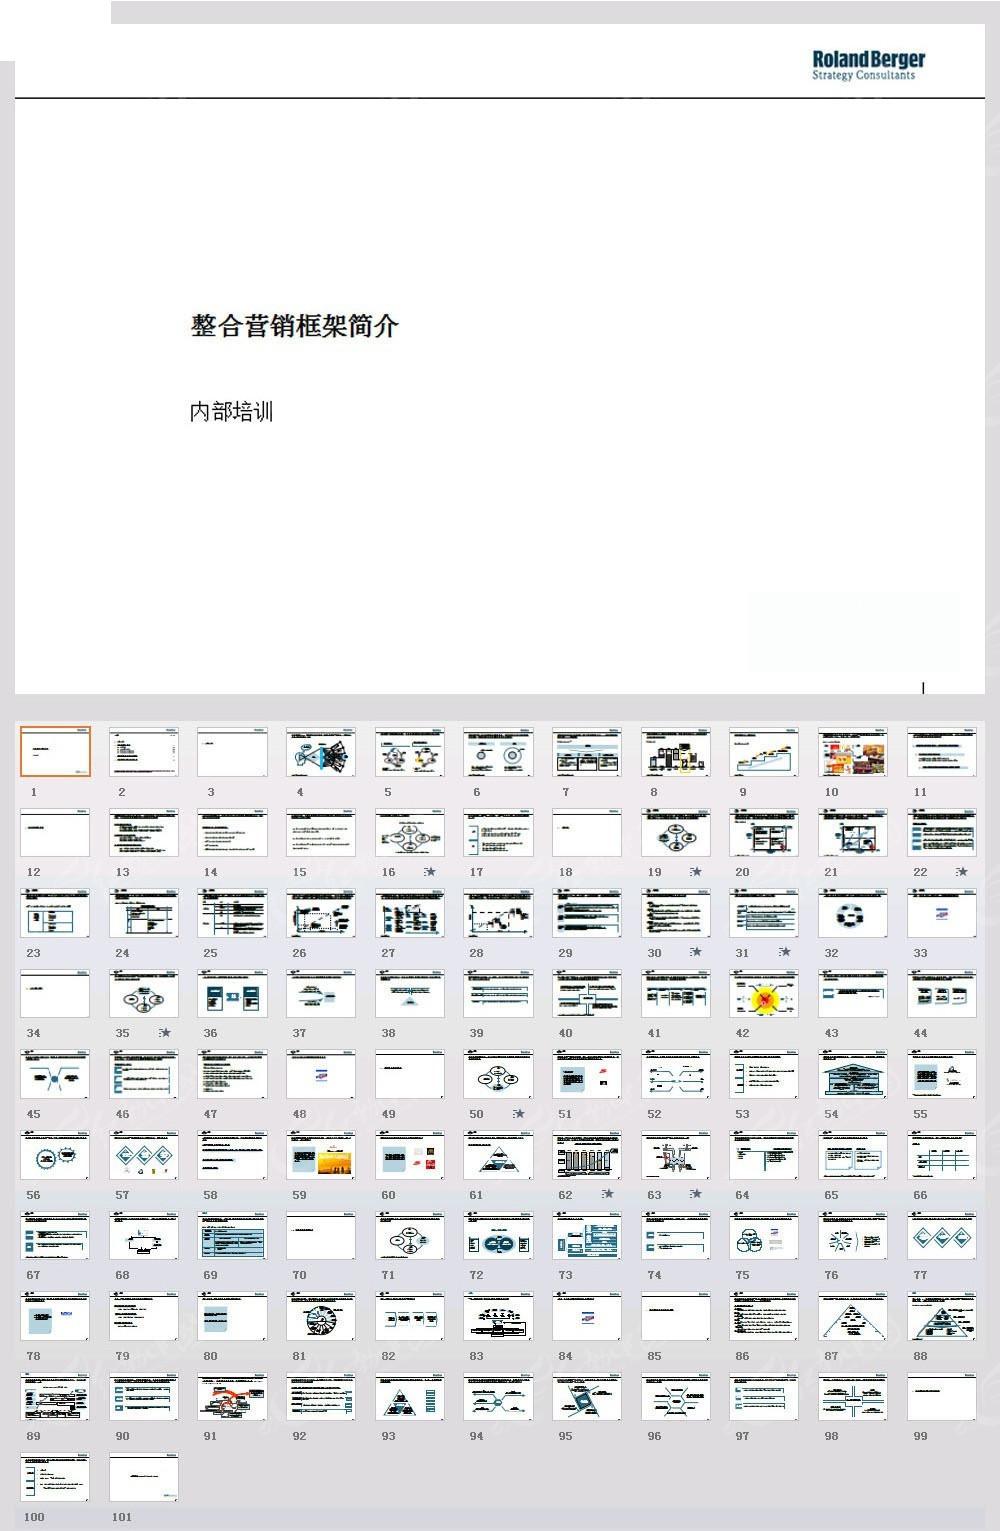 罗兰贝格的品牌观ppt素材免费下载 编号3881664 红动网